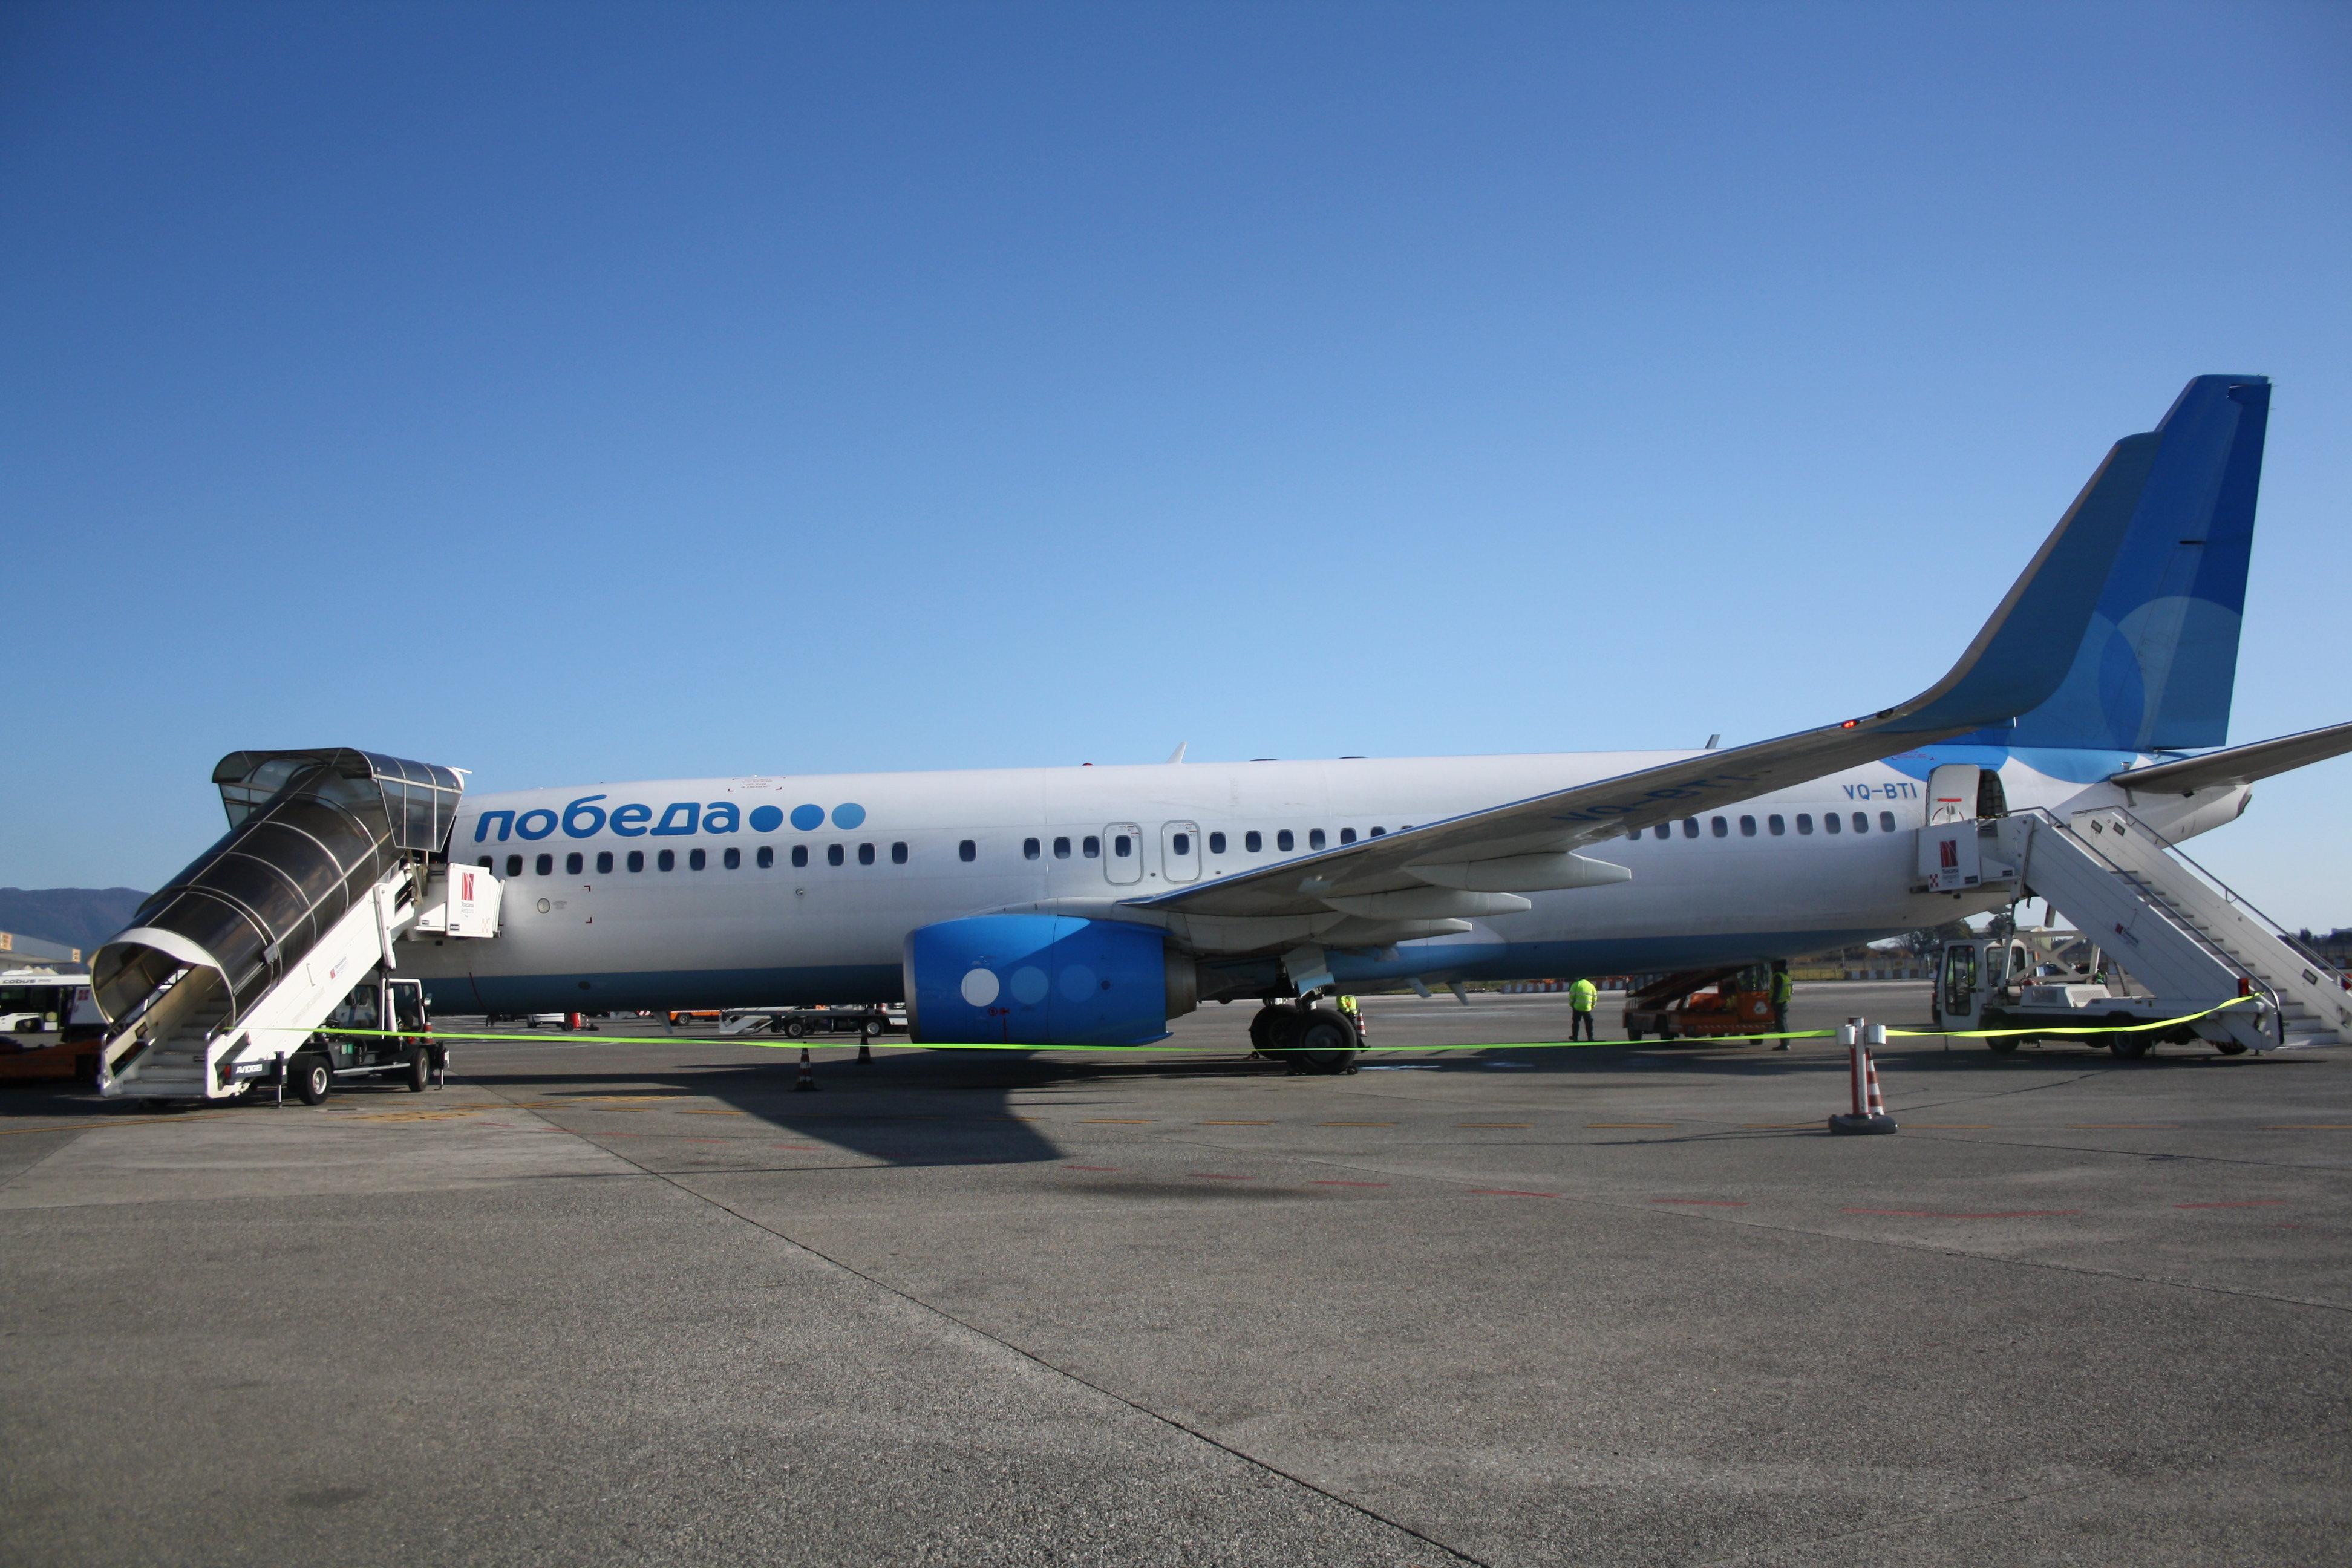 Aeroporto Pisa : Toscana aeroporti e pobeda presentano il nuovo volo pisa mosca